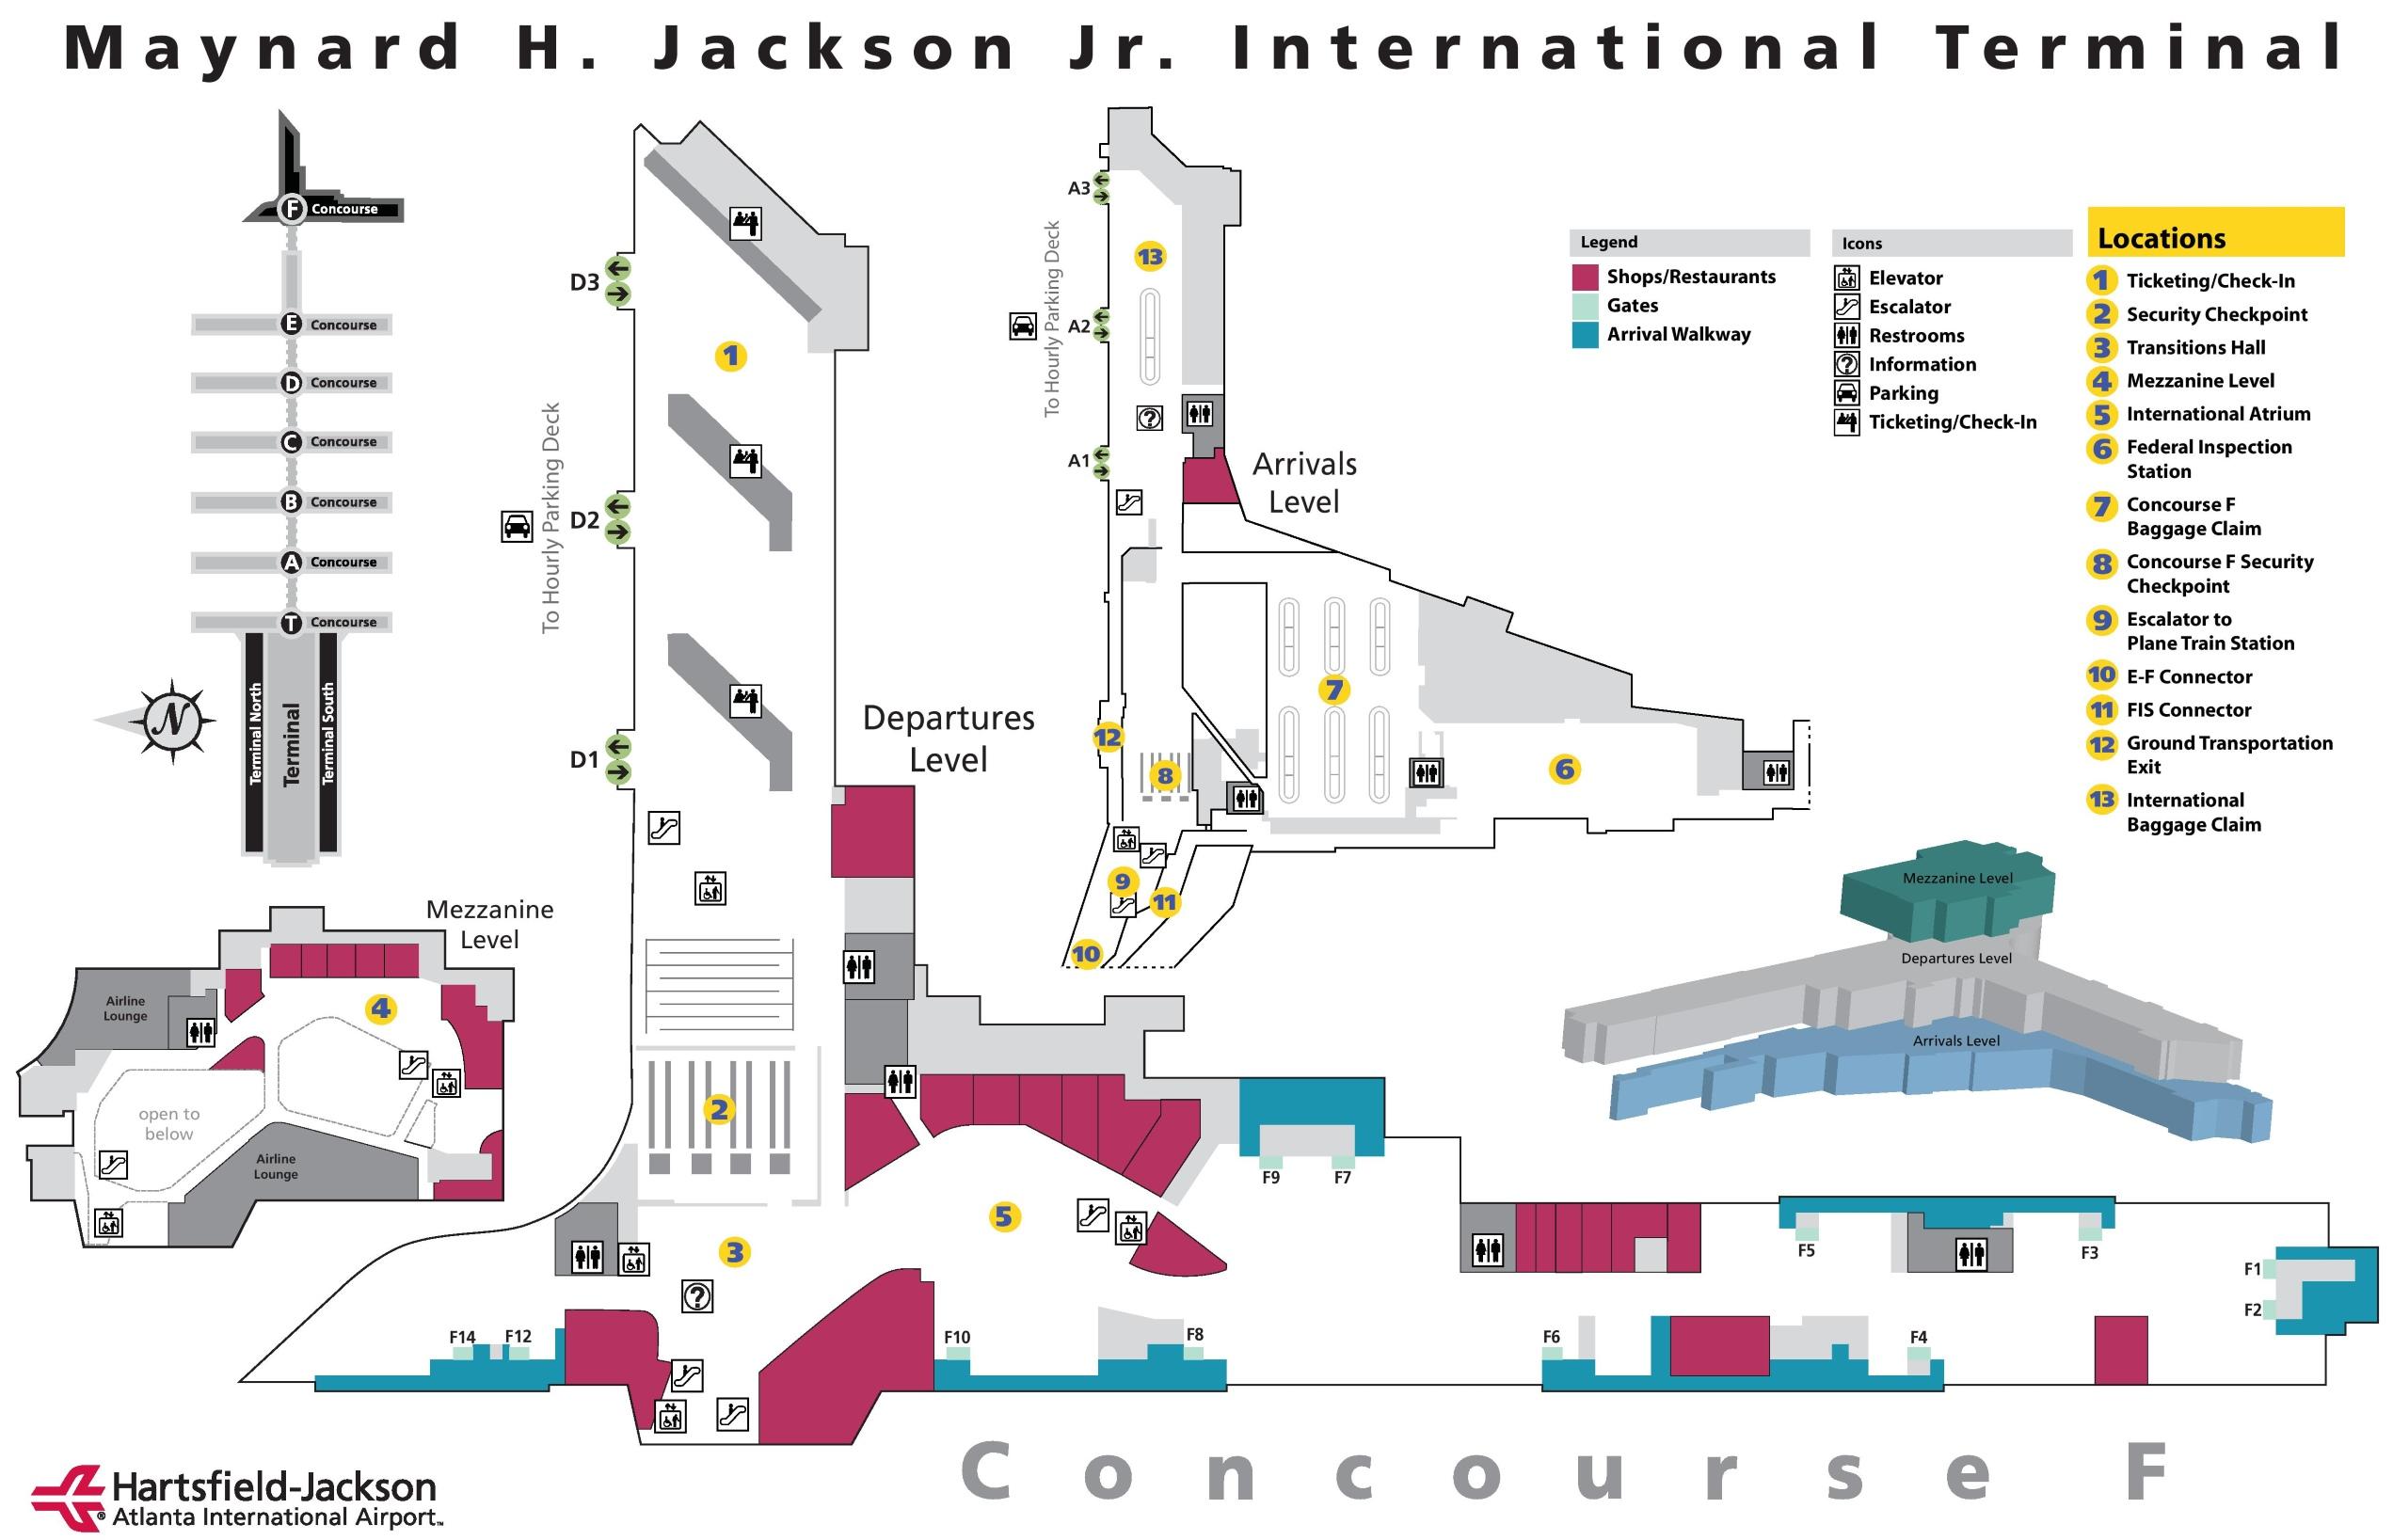 Atl Airport Terminal Map Atlanta airport international terminal F map Atl Airport Terminal Map